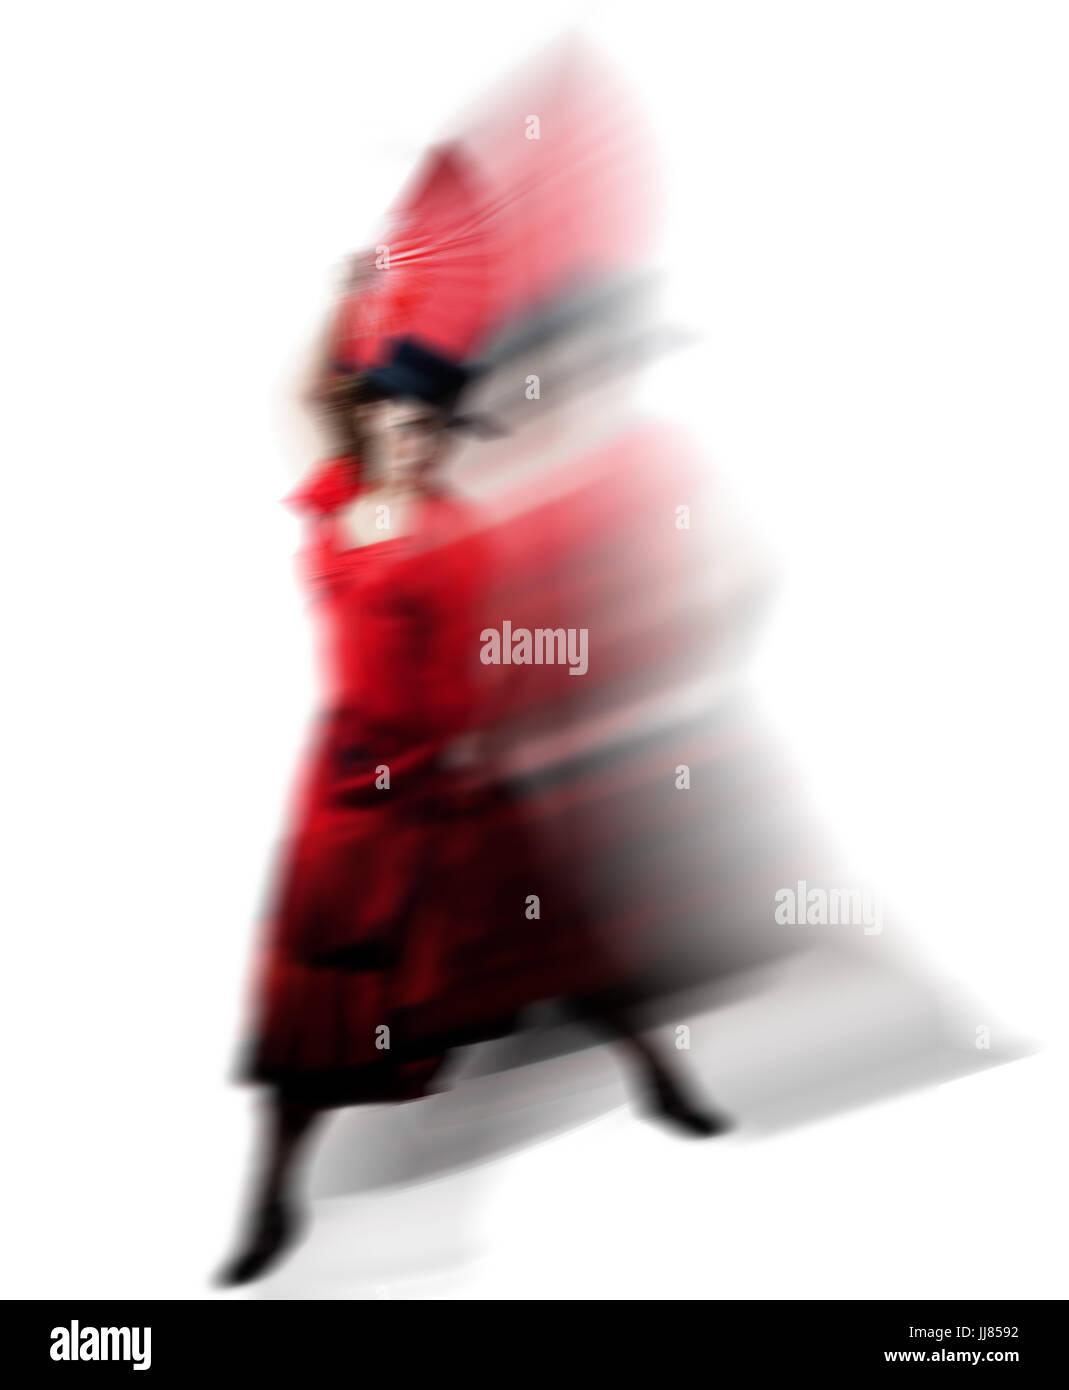 Buch Cover - Let's Dance abstrakt Kunst Flamenco Tanz Stockbild